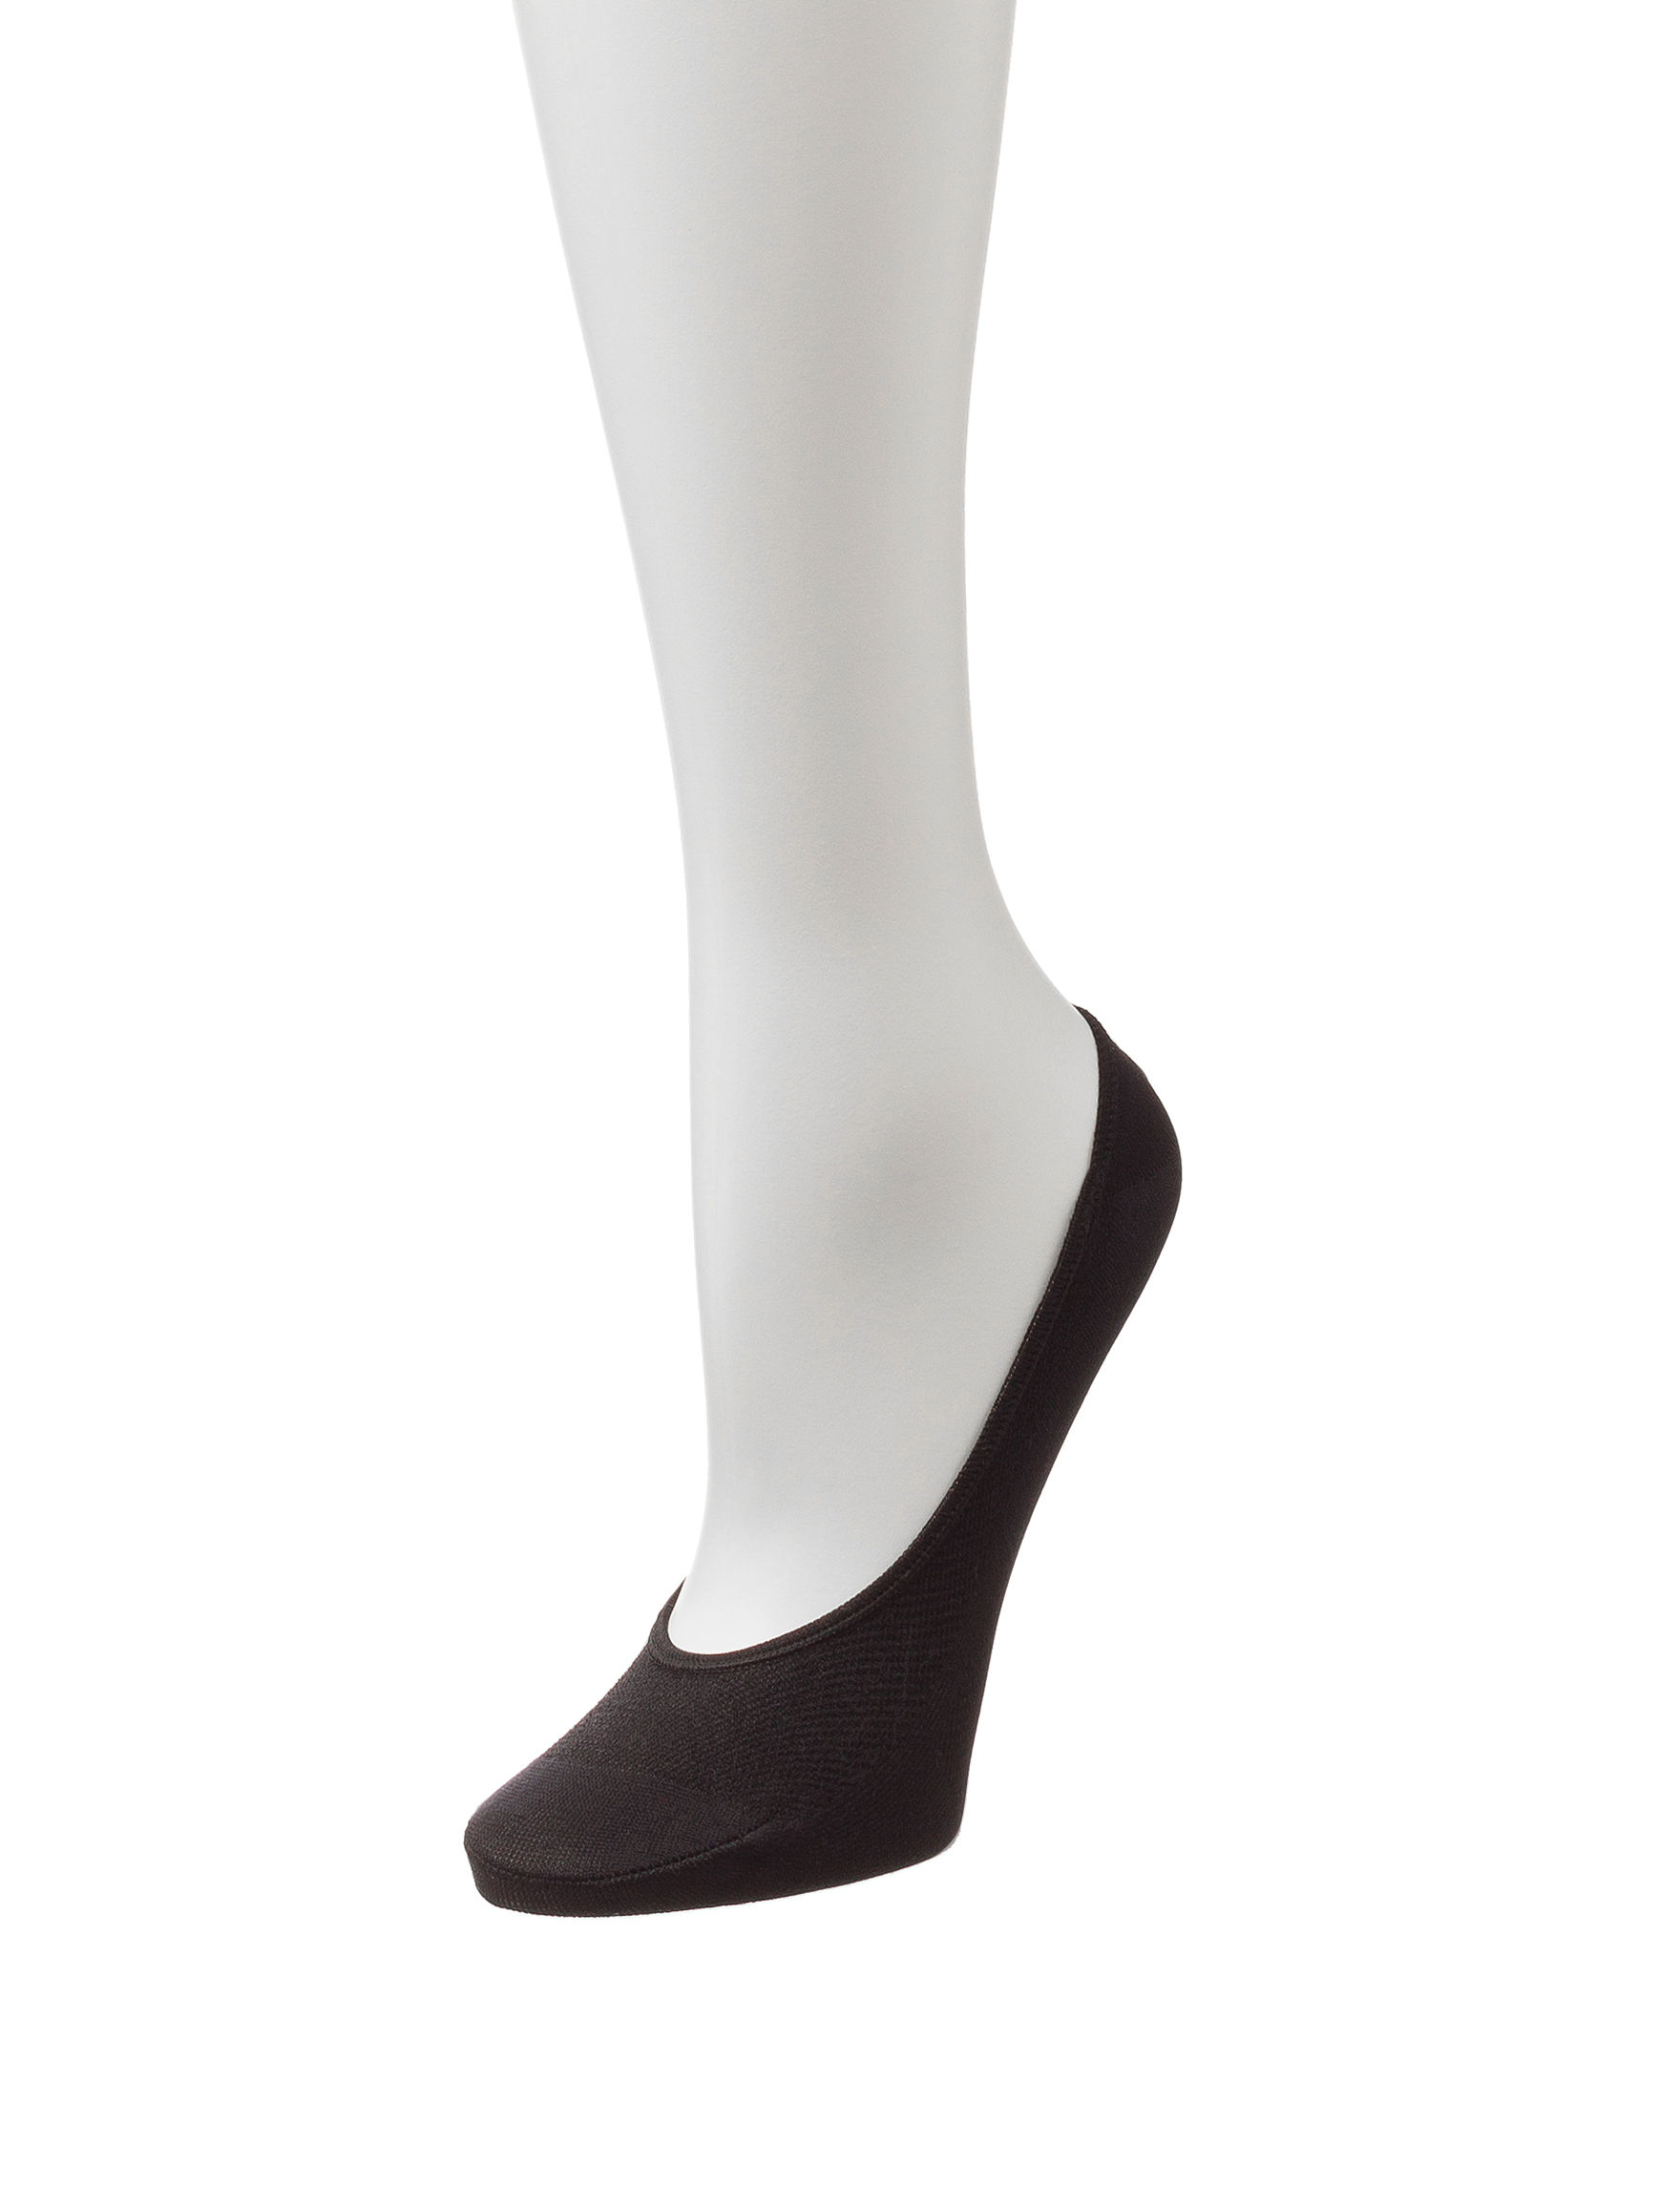 Skechers Black Multi Socks